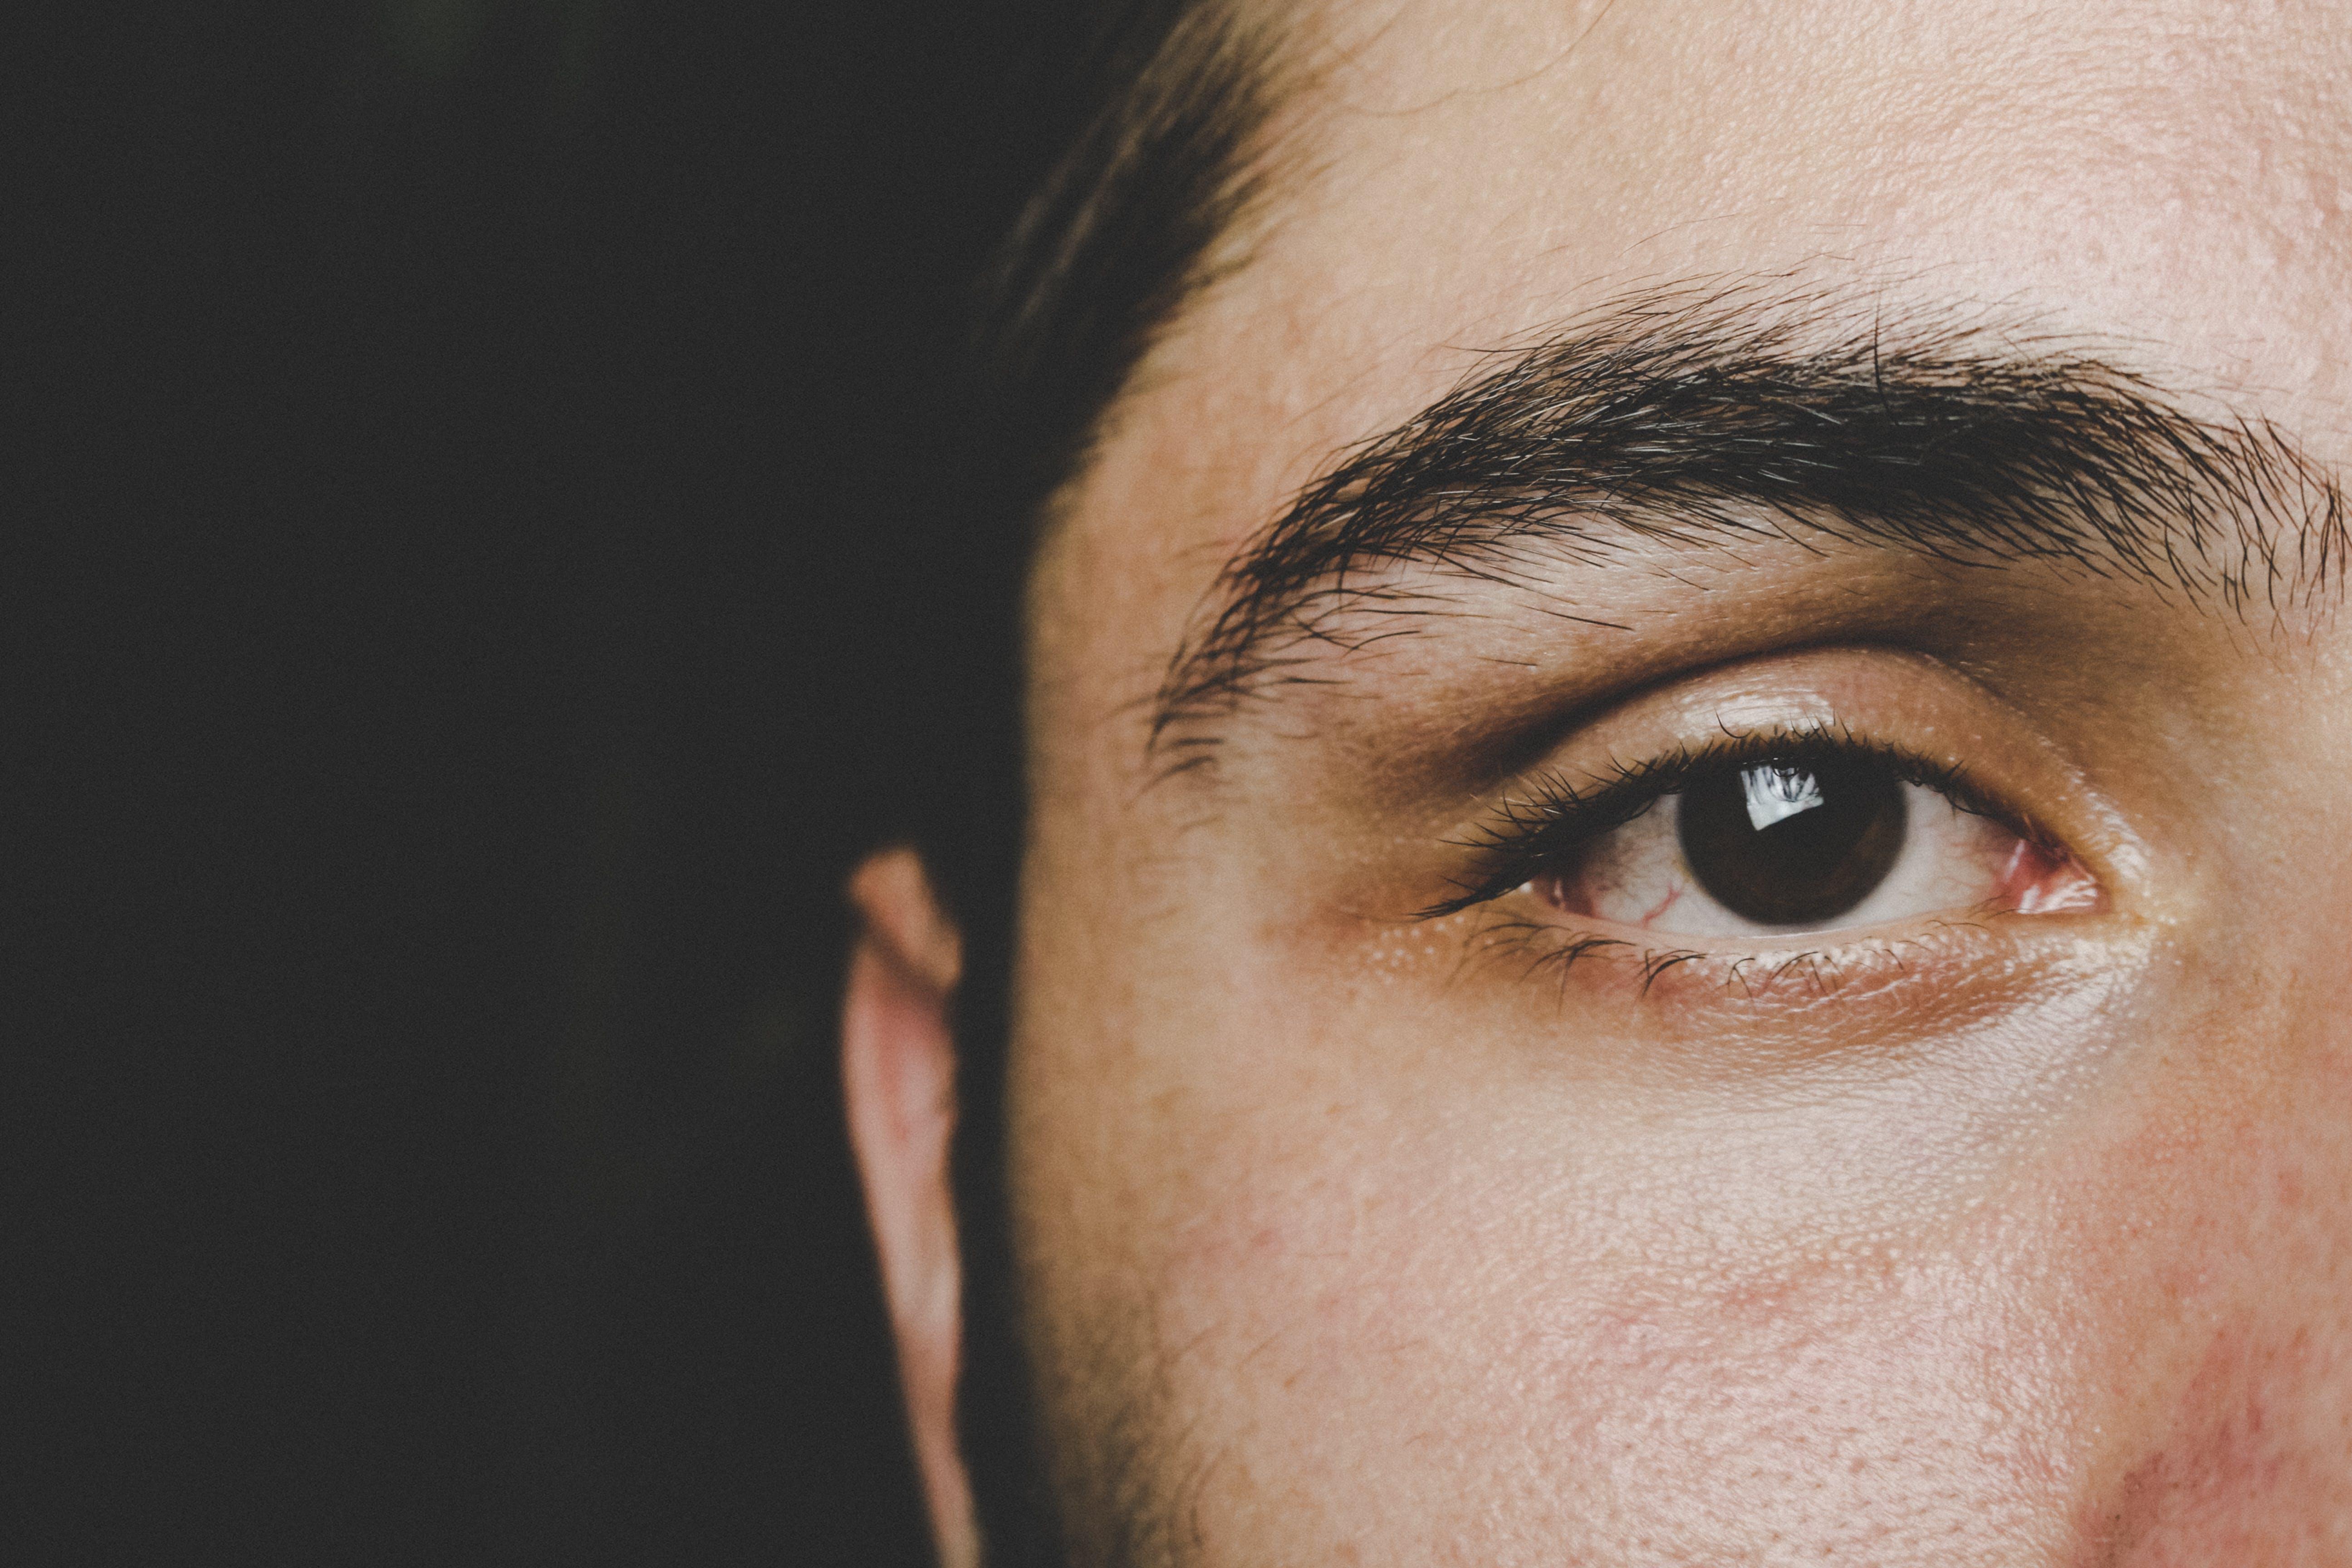 Immagine gratuita di capelli, maschio, occhio, pelle